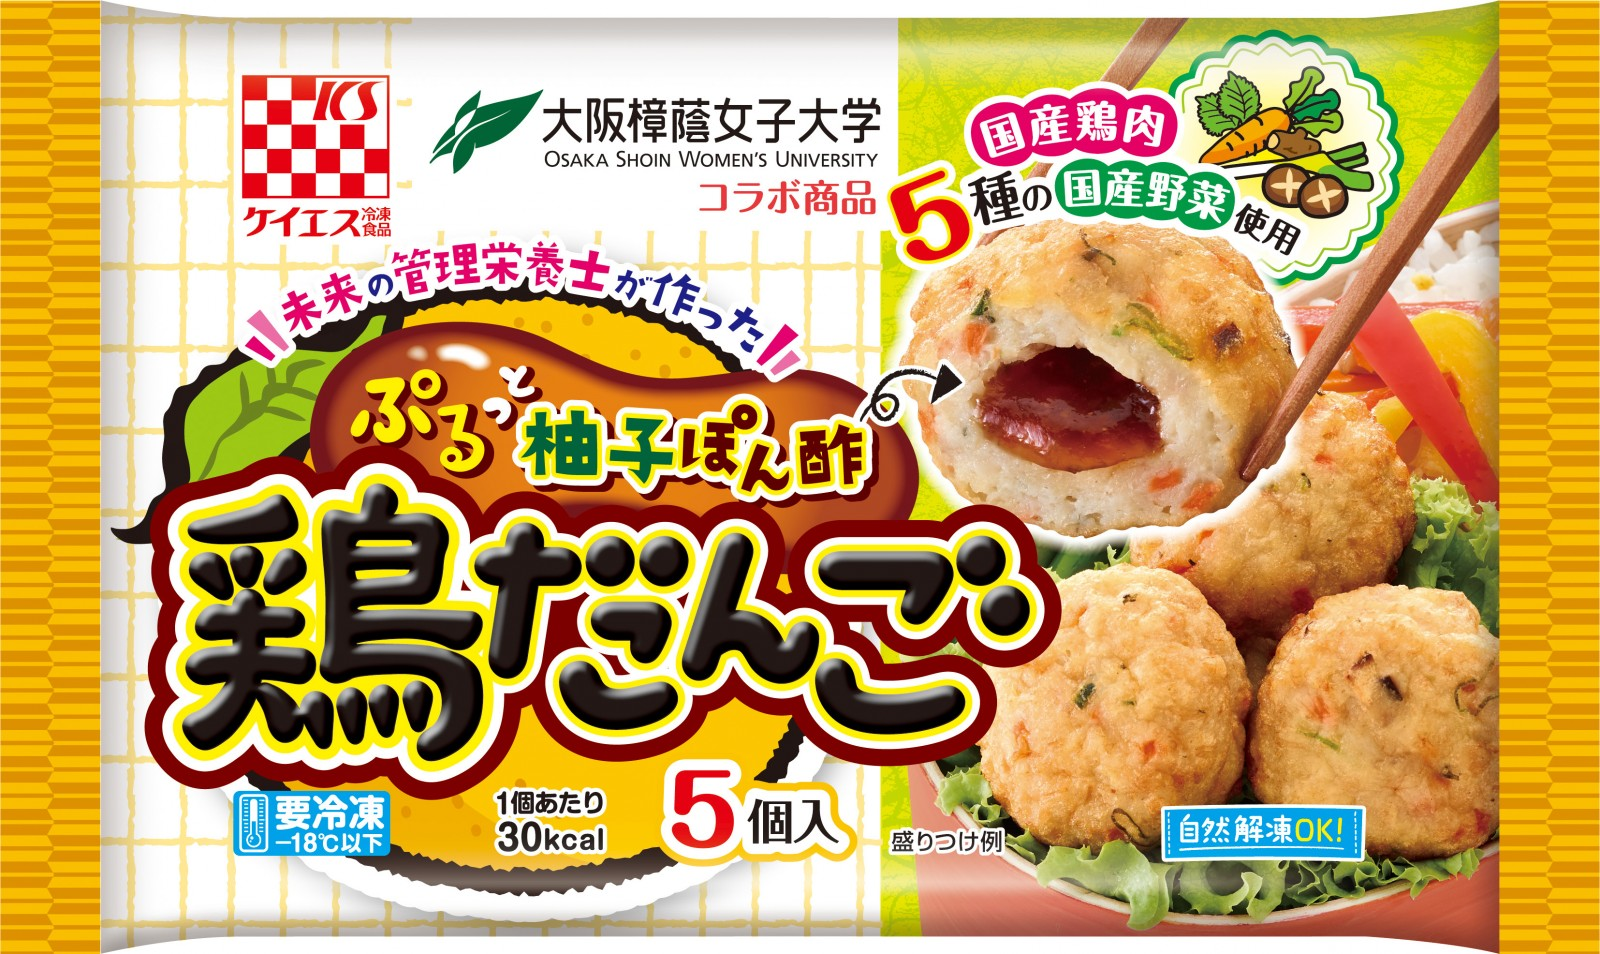 女子大コラボ第2弾は、ぷるぷる柚子ぽん酢ジュレが入った鶏だんご